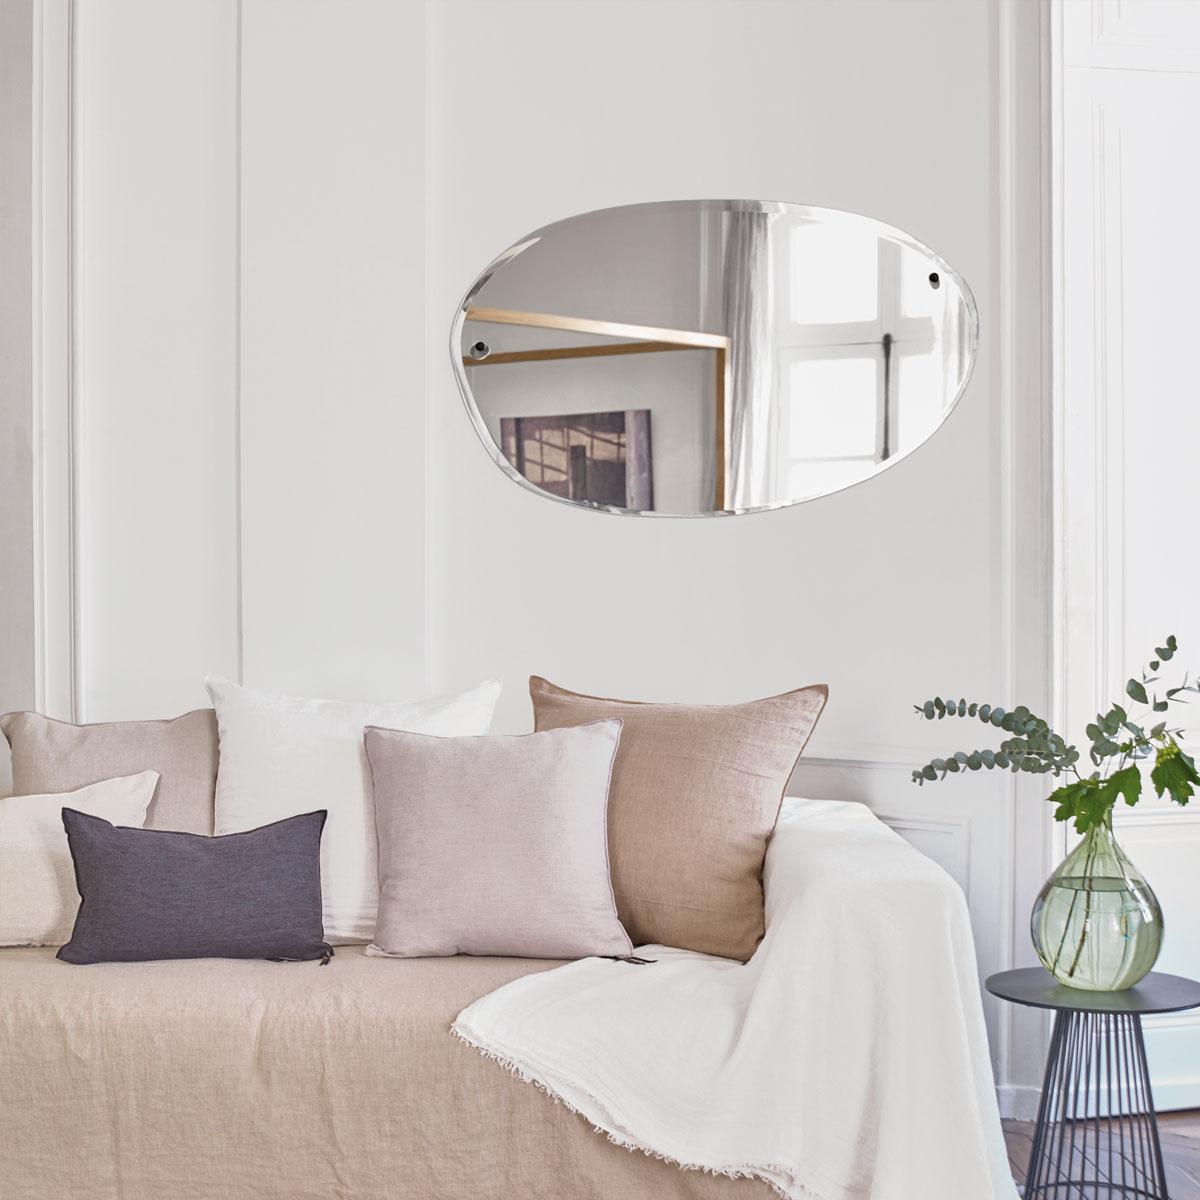 M NUANCE Miroir MORNING modèle allongé